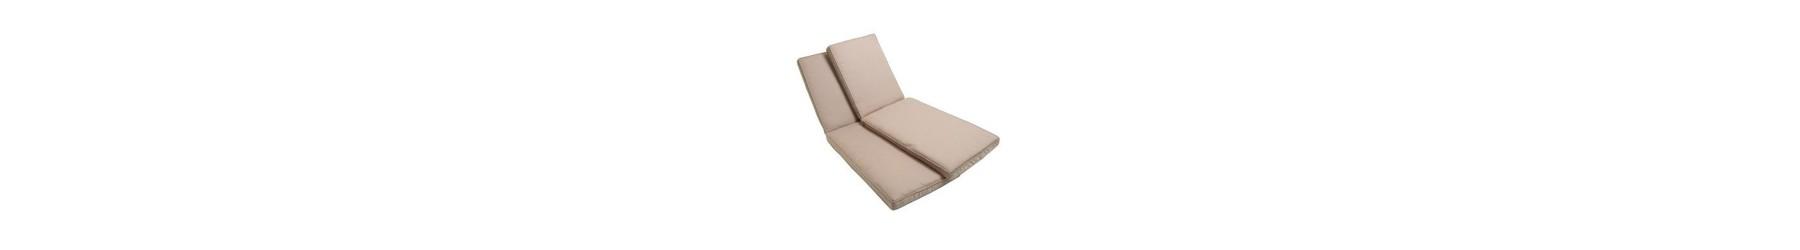 Μαξιλάρια για ξαπλώστρες σε όλες τις διαστάσεις και χρώματα